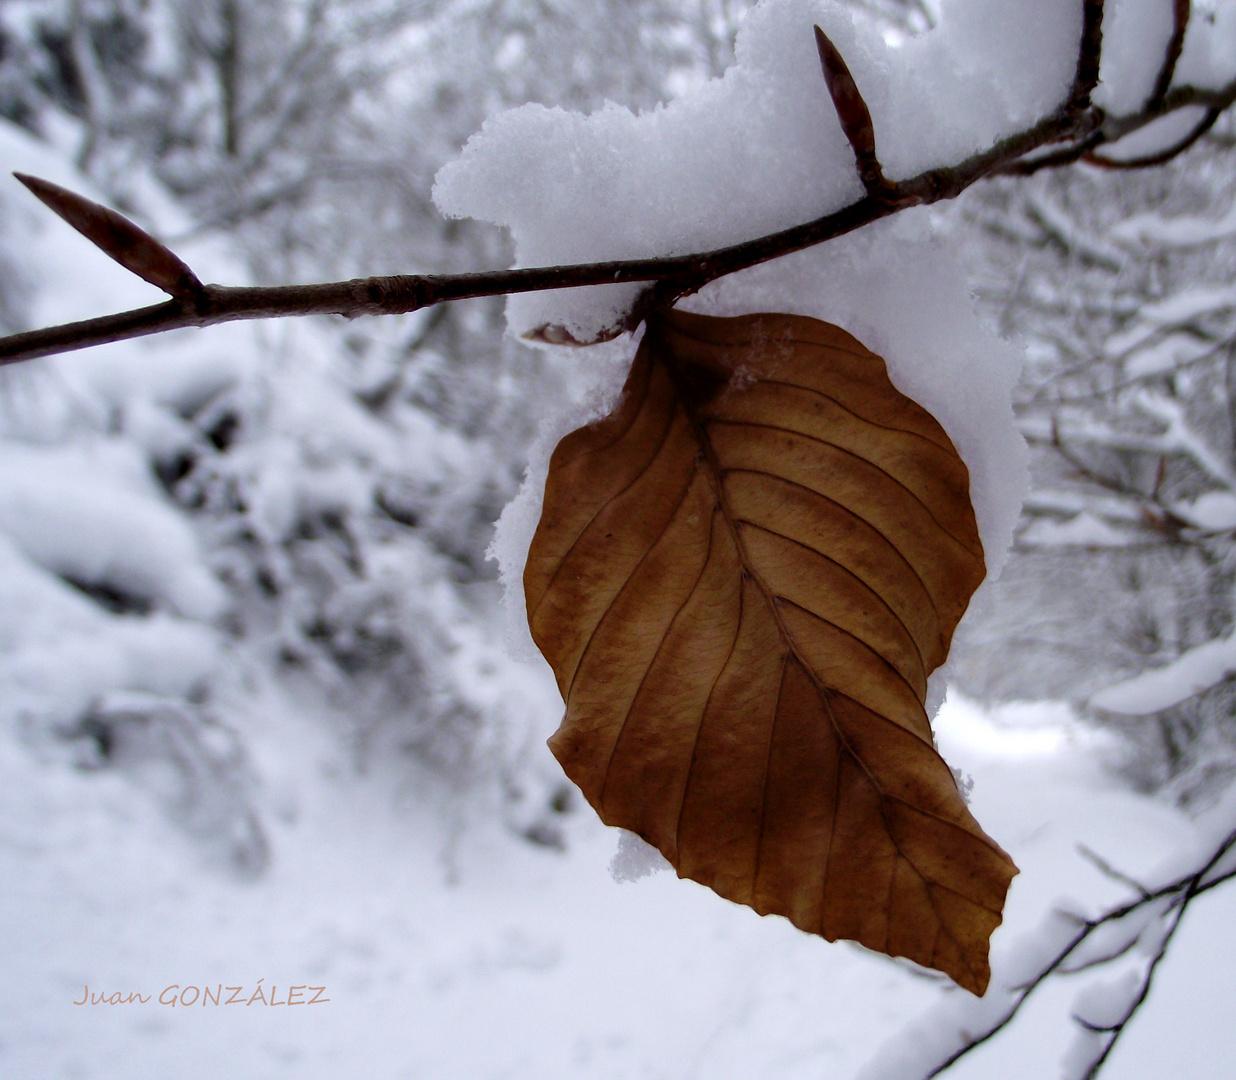 Hoja de haya con fondo nevado